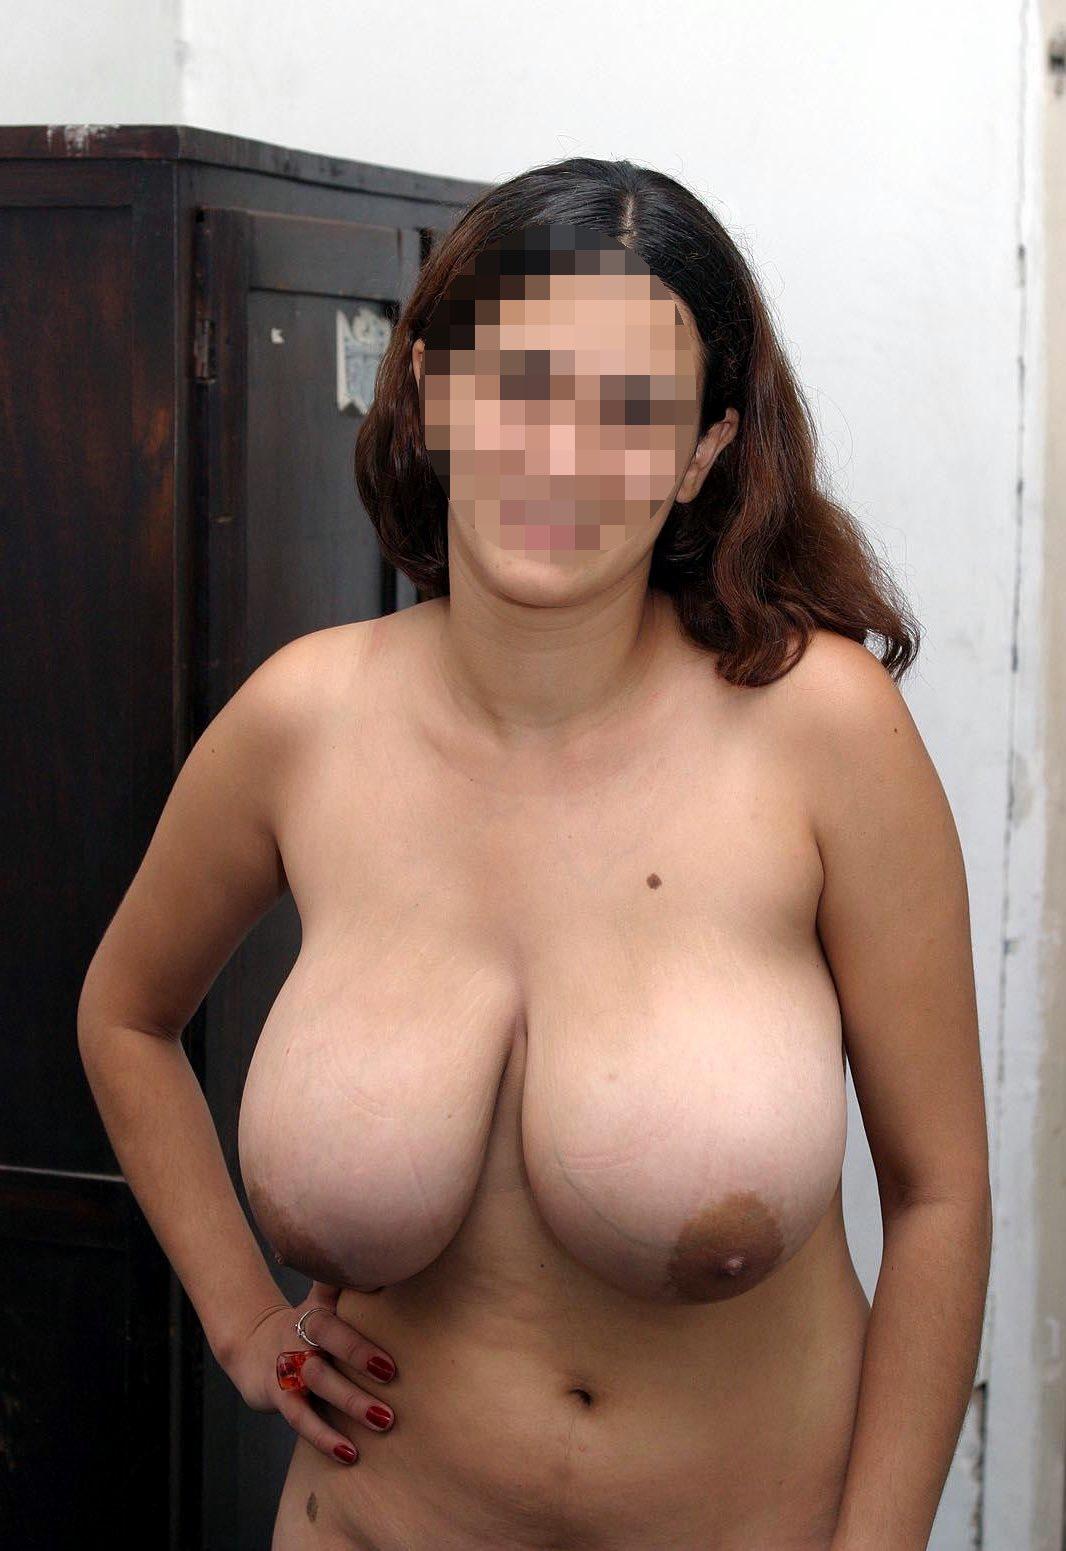 Une grosse femme nue montre ses gros seins à Aix-en-Provence